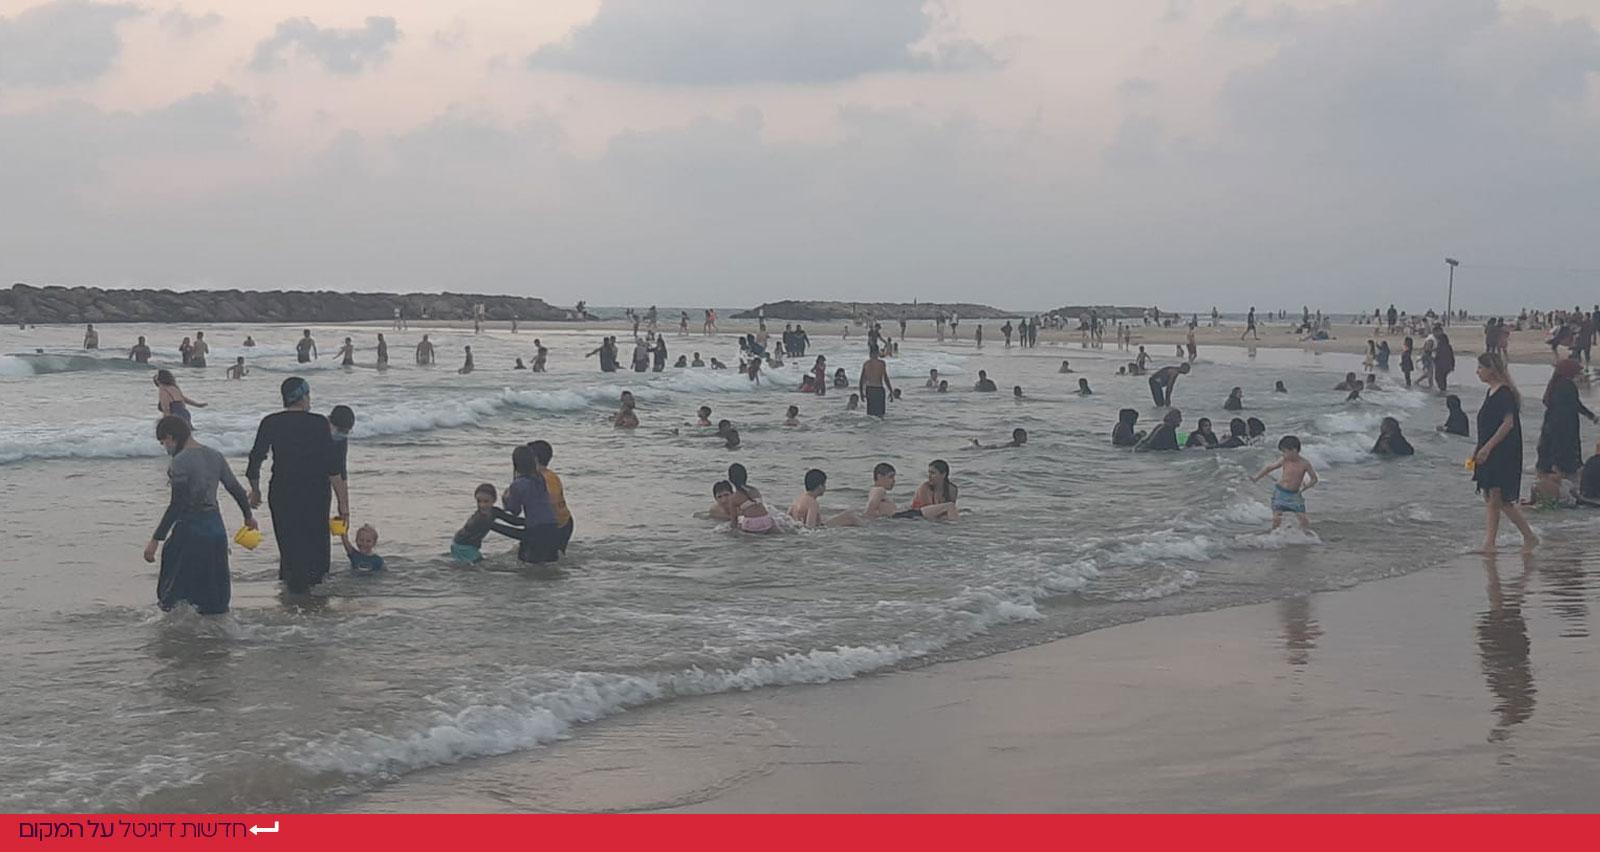 מתרחצים בחוף אכדיה אחרי השעה 19:00 ללא מציל